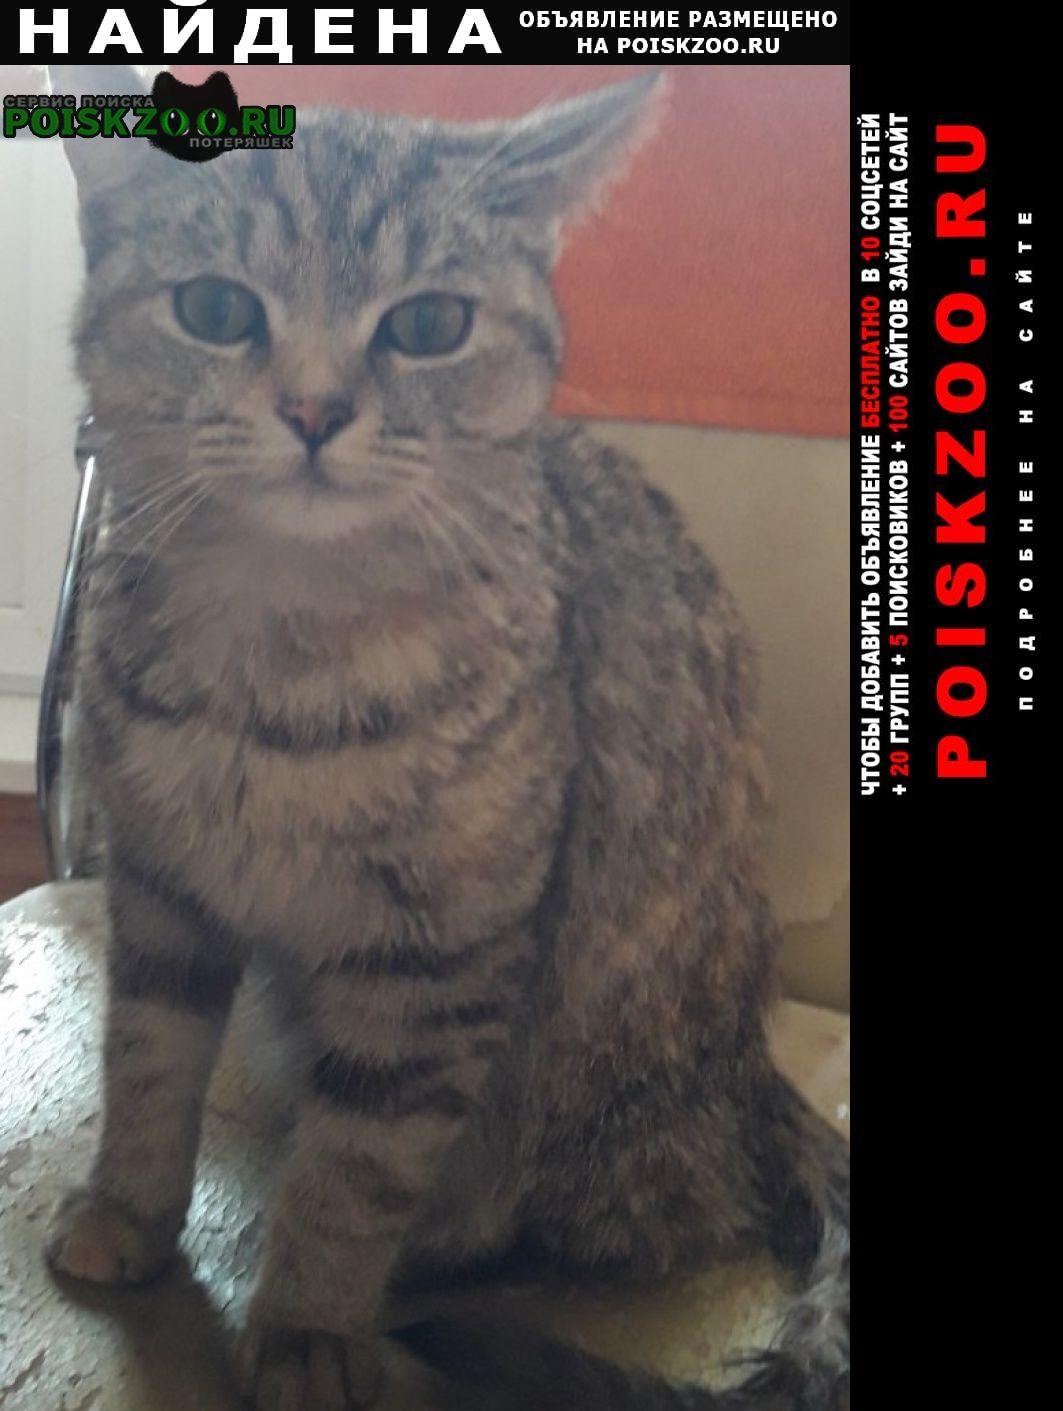 Найдена кошка университетская 14 Чебоксары